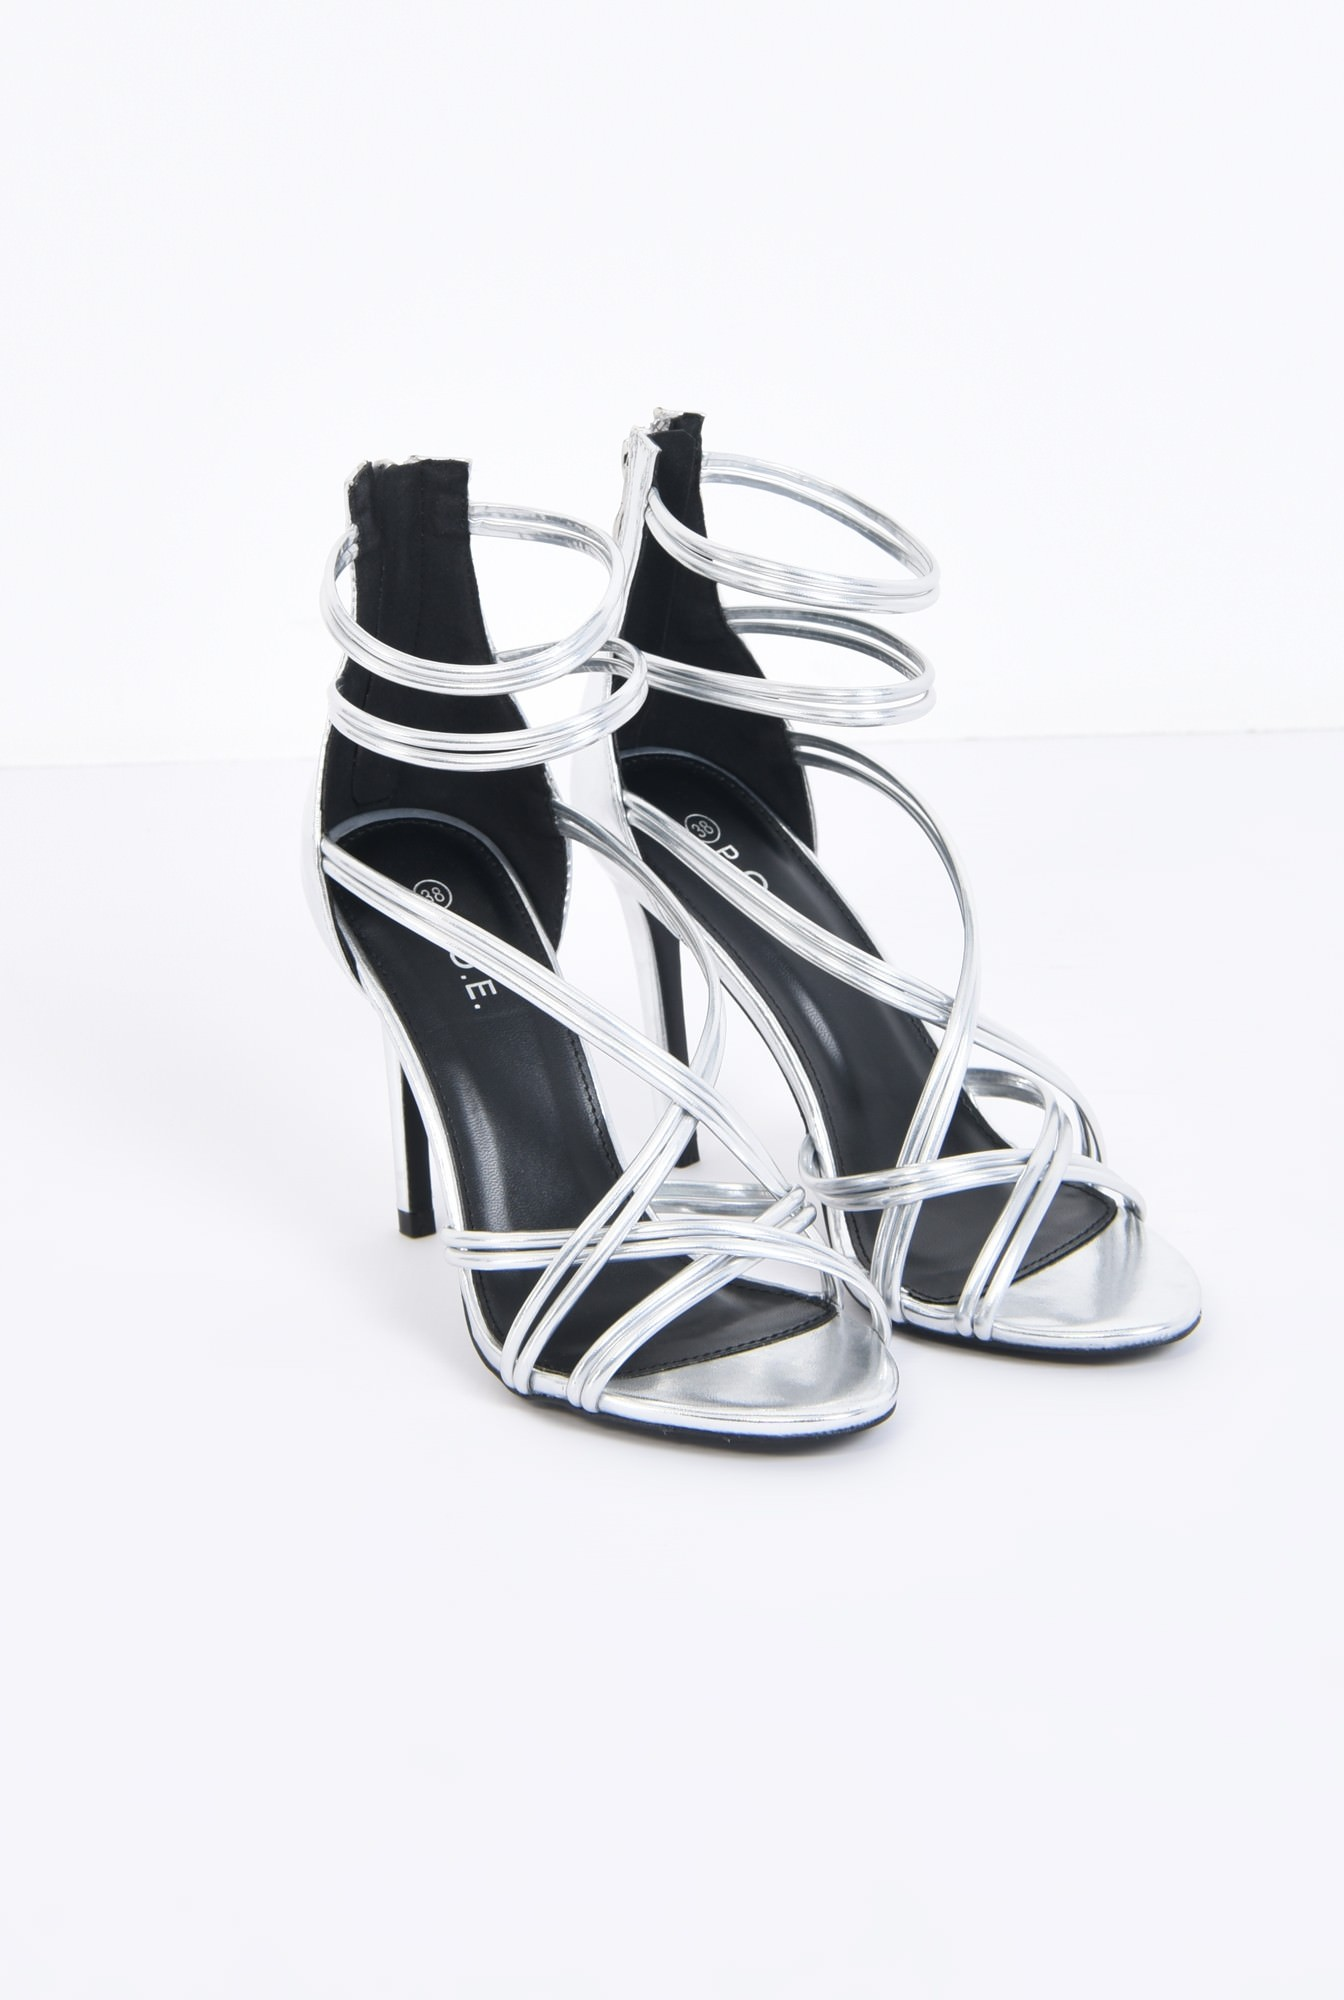 1 - sandale elegante, argintii, stiletto